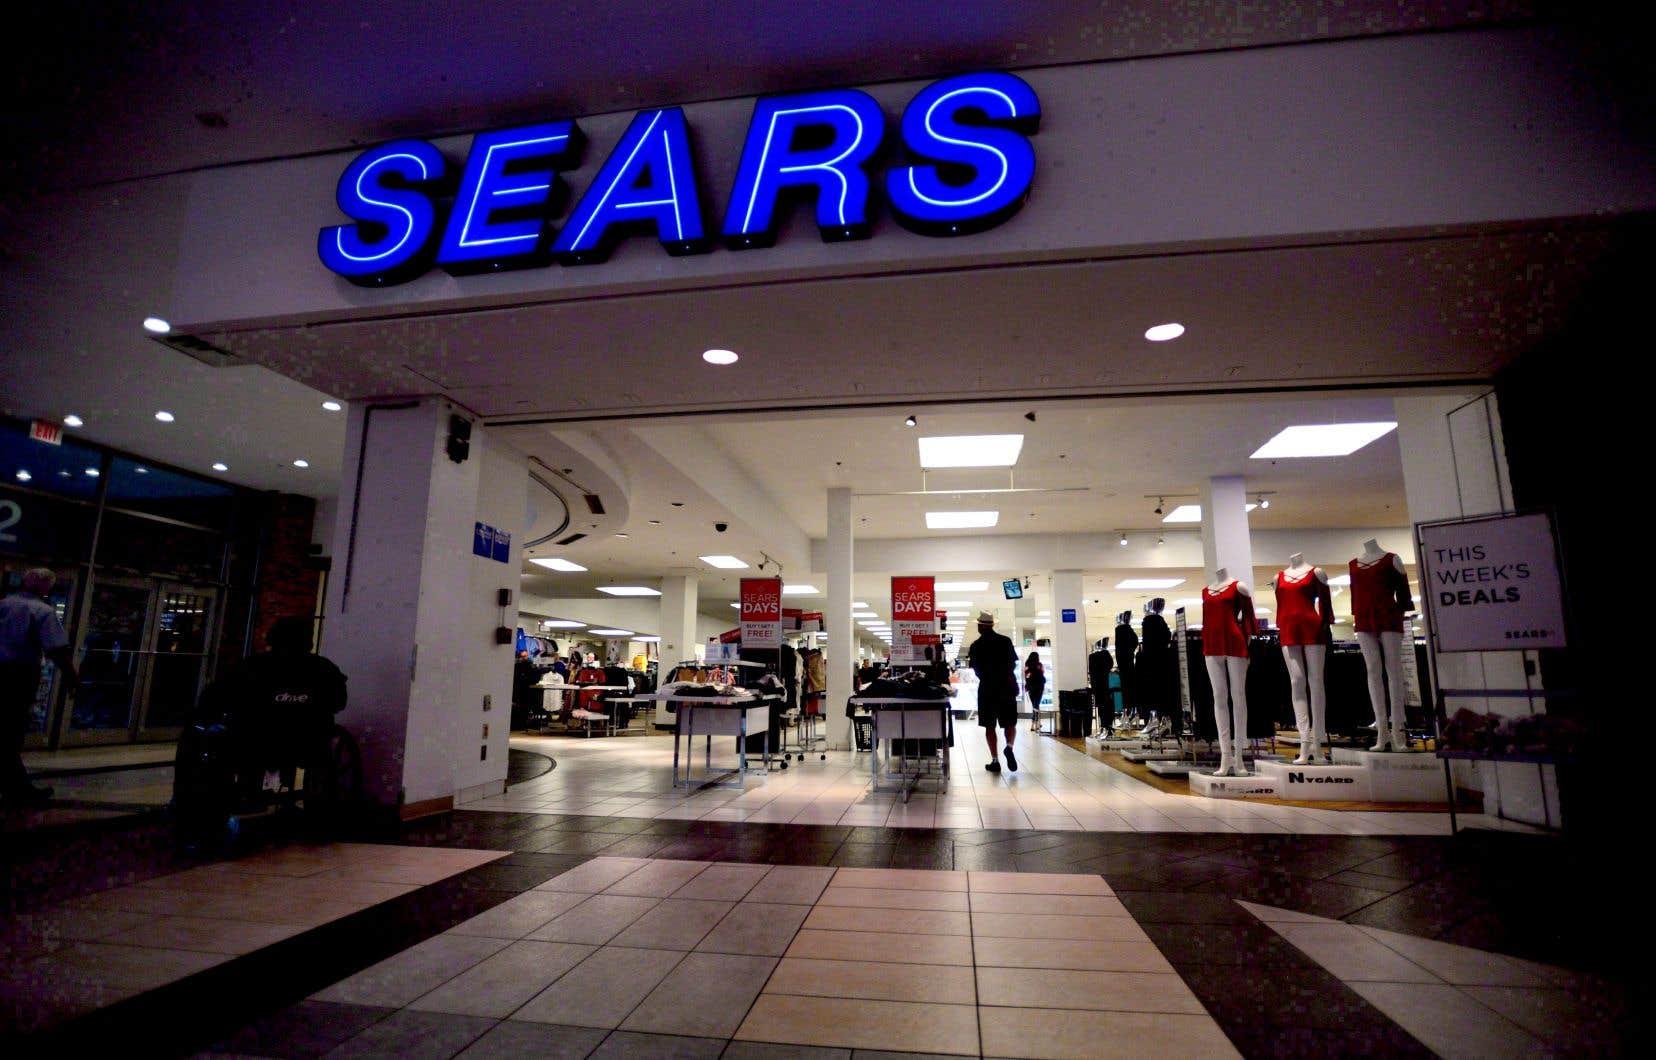 Sears Canada a déclaré qu'«après avoir déployé des efforts considérables», elle n'avait reçu «aucune proposition viable permettant la continuité de ses activités».